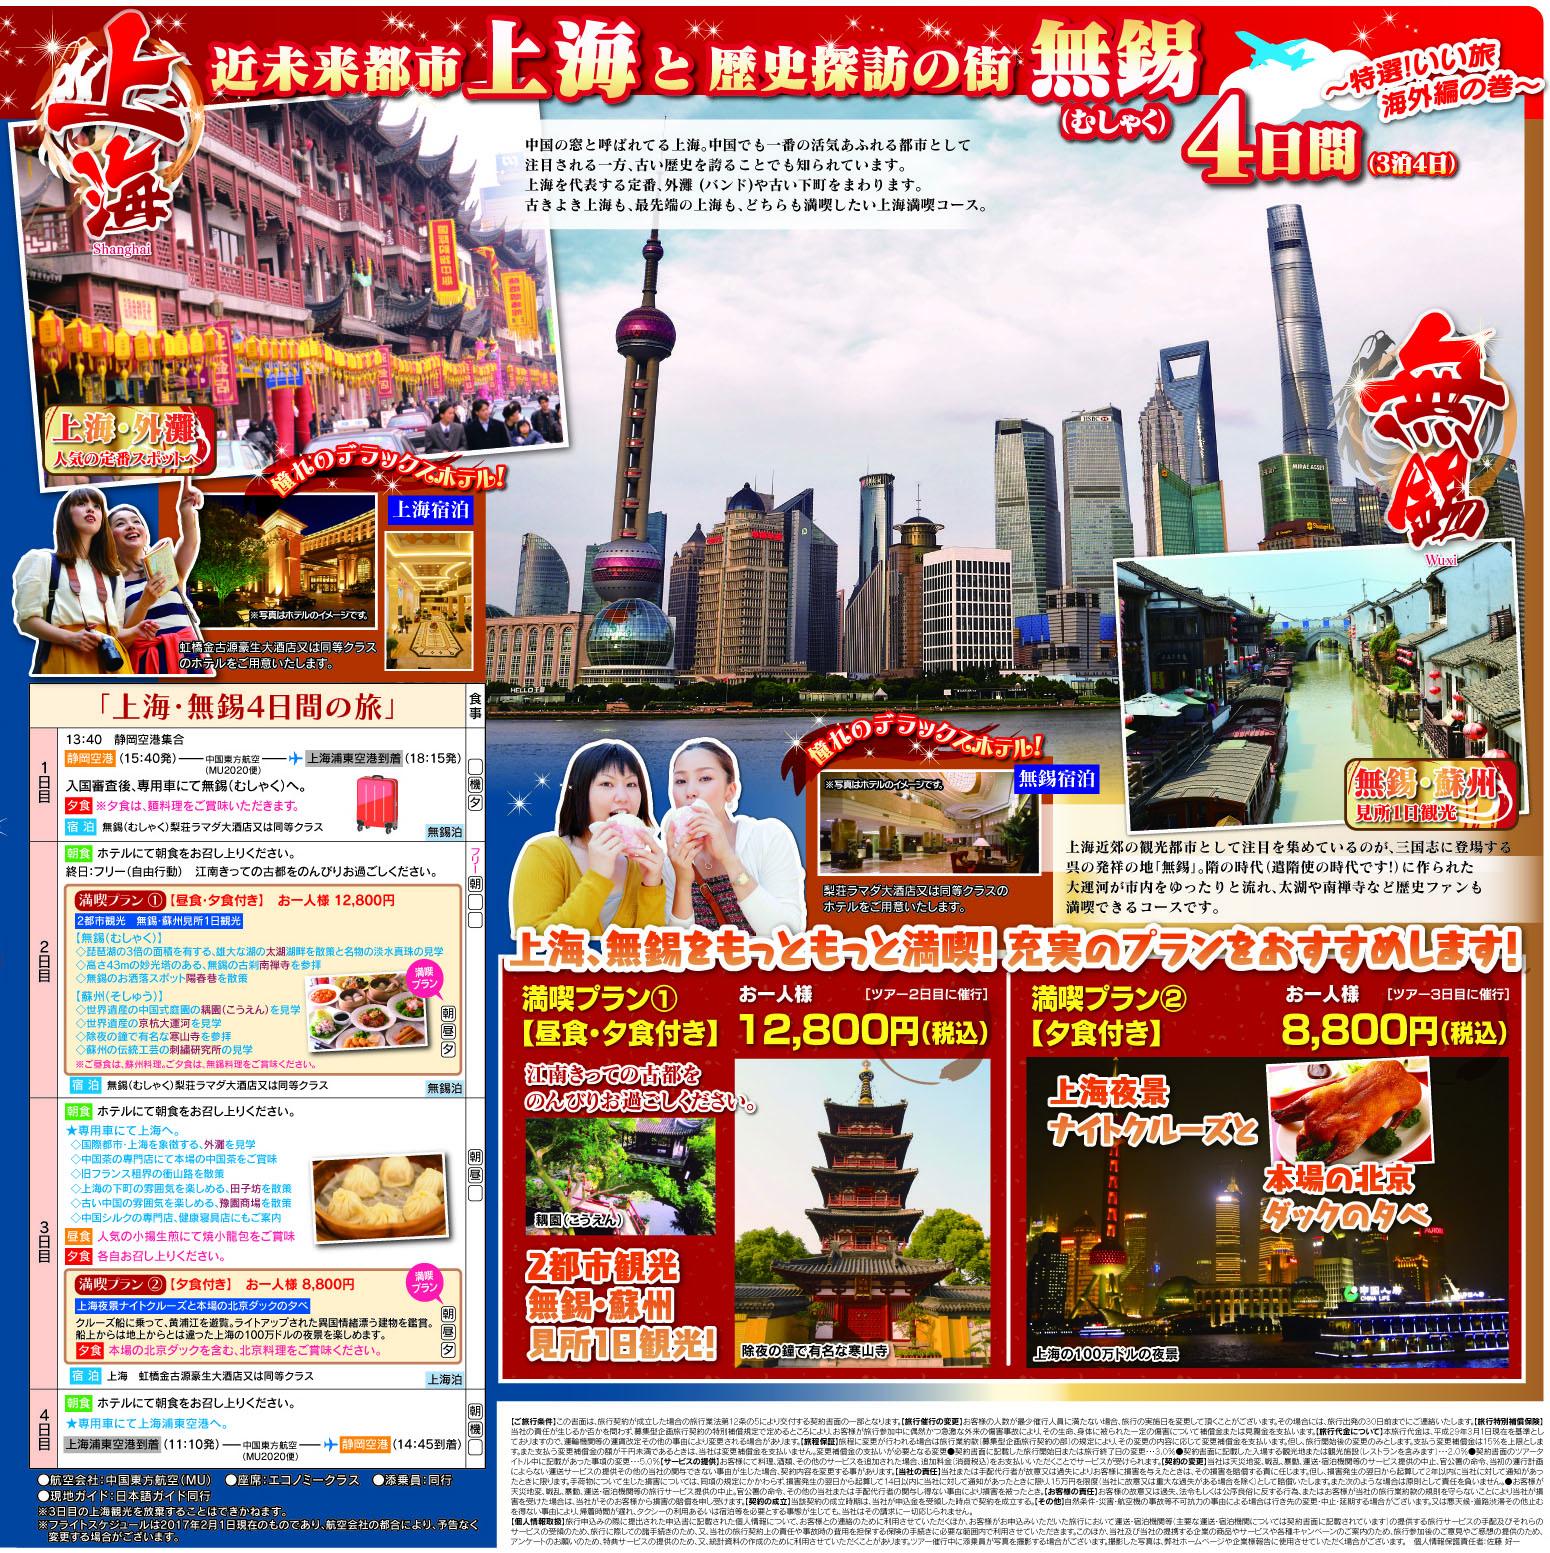 上海・無錫4日間の旅を募集しています!(静岡空港出発)